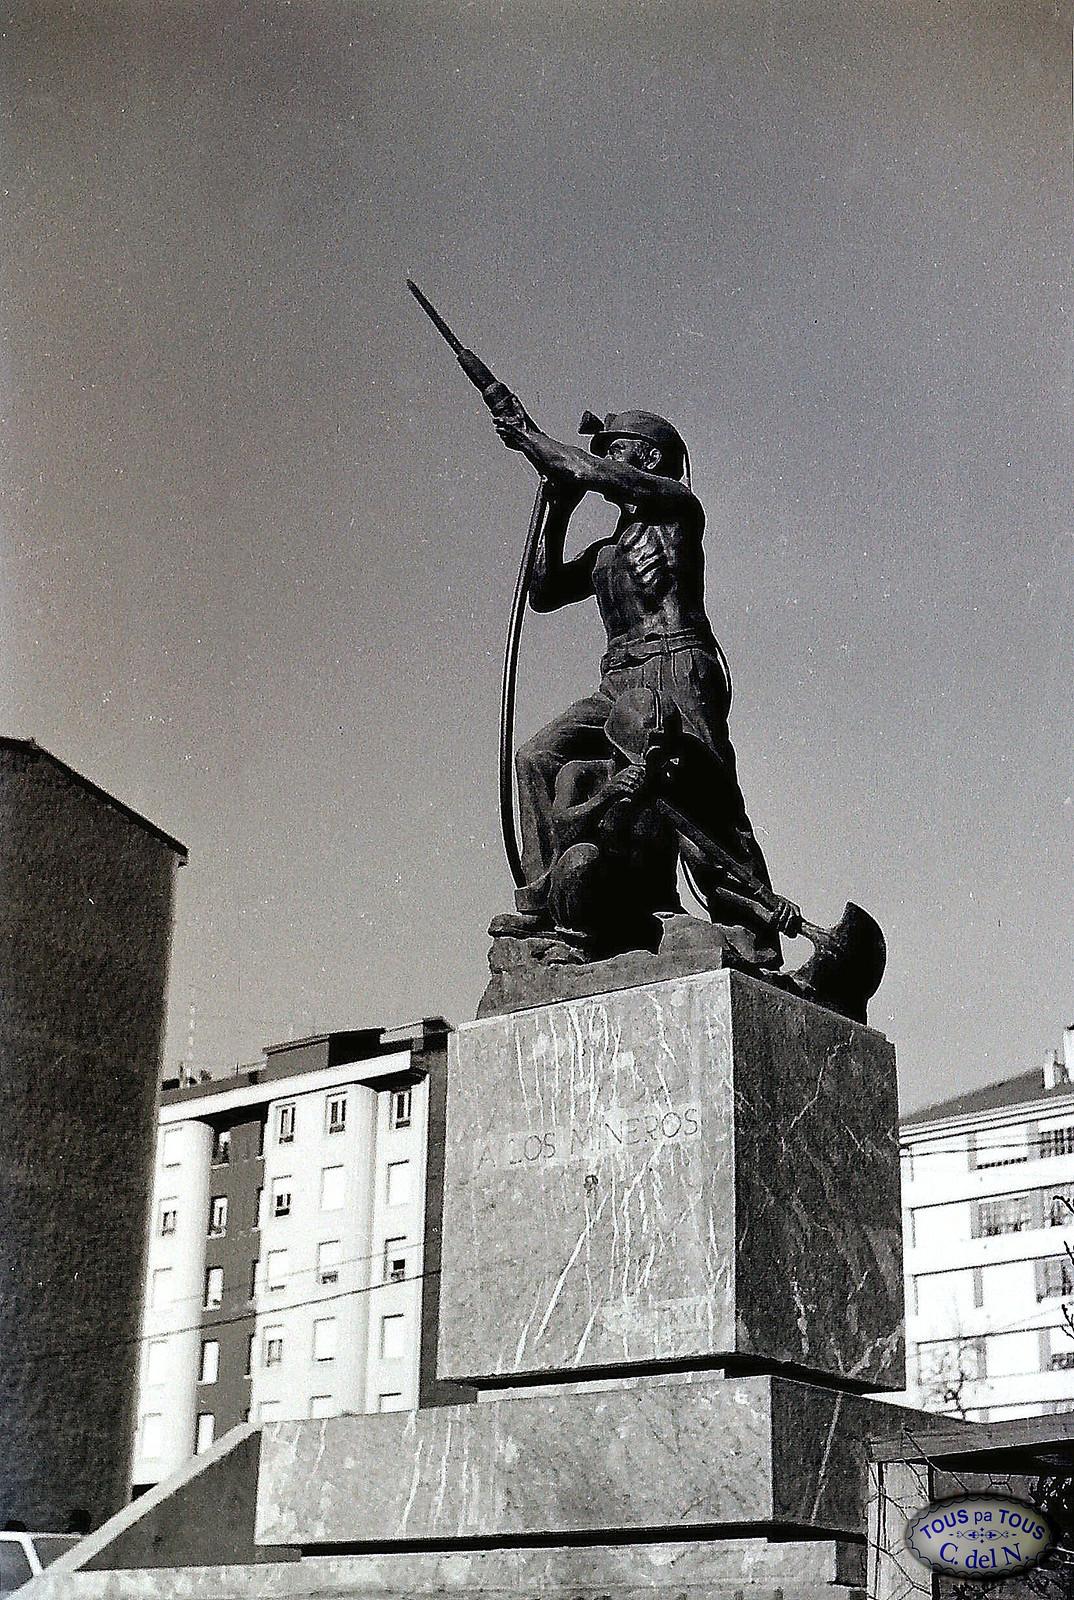 1985 - Monumento a los mineros (2)